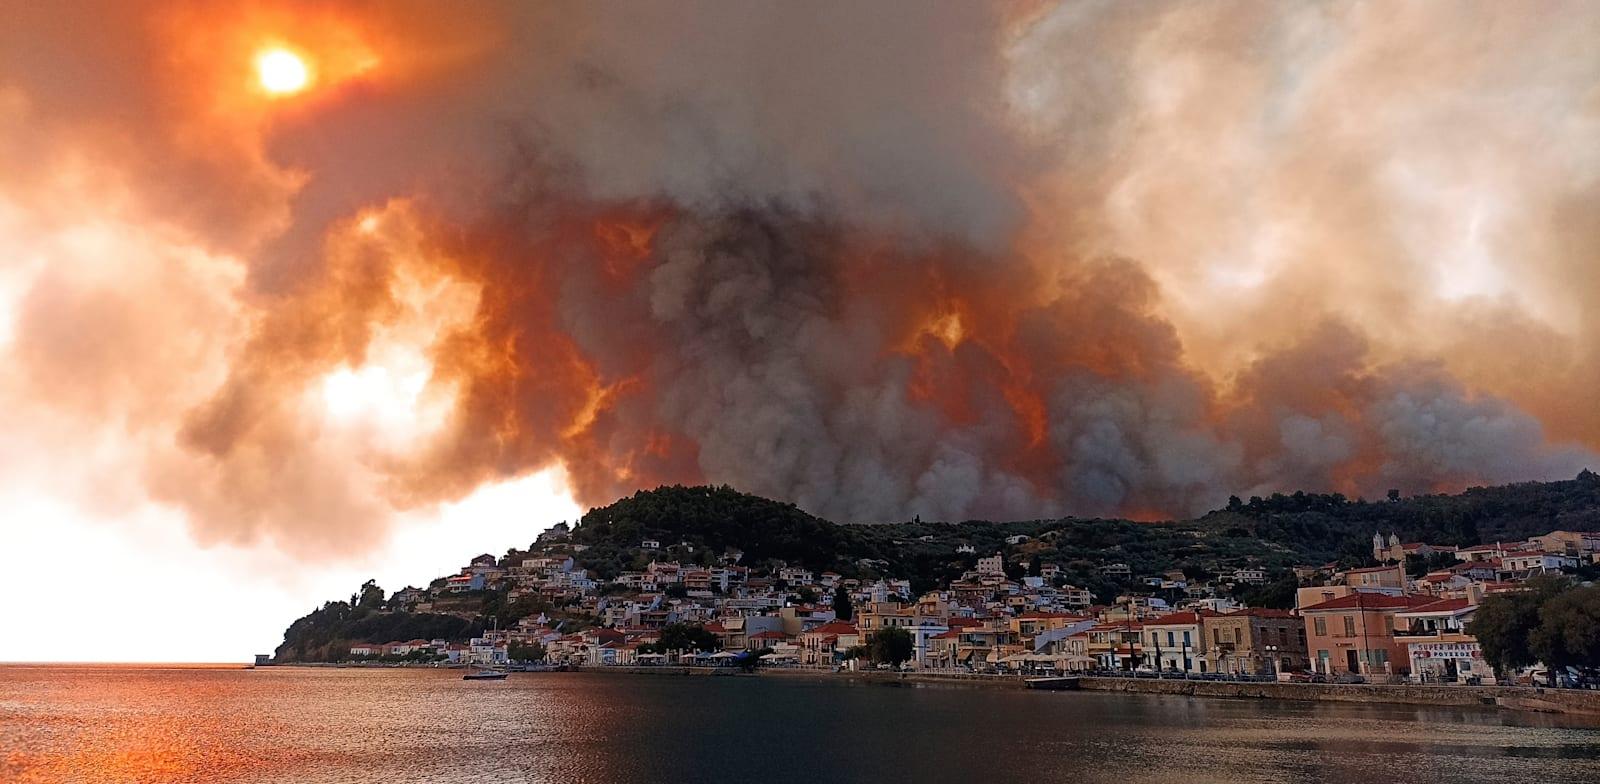 השריפה באי אביה, יוון, בתחילת החודש. אירועי קיצון כאלה יהפכו שגרתיים / צילום: Associated Press, Michael Pappas